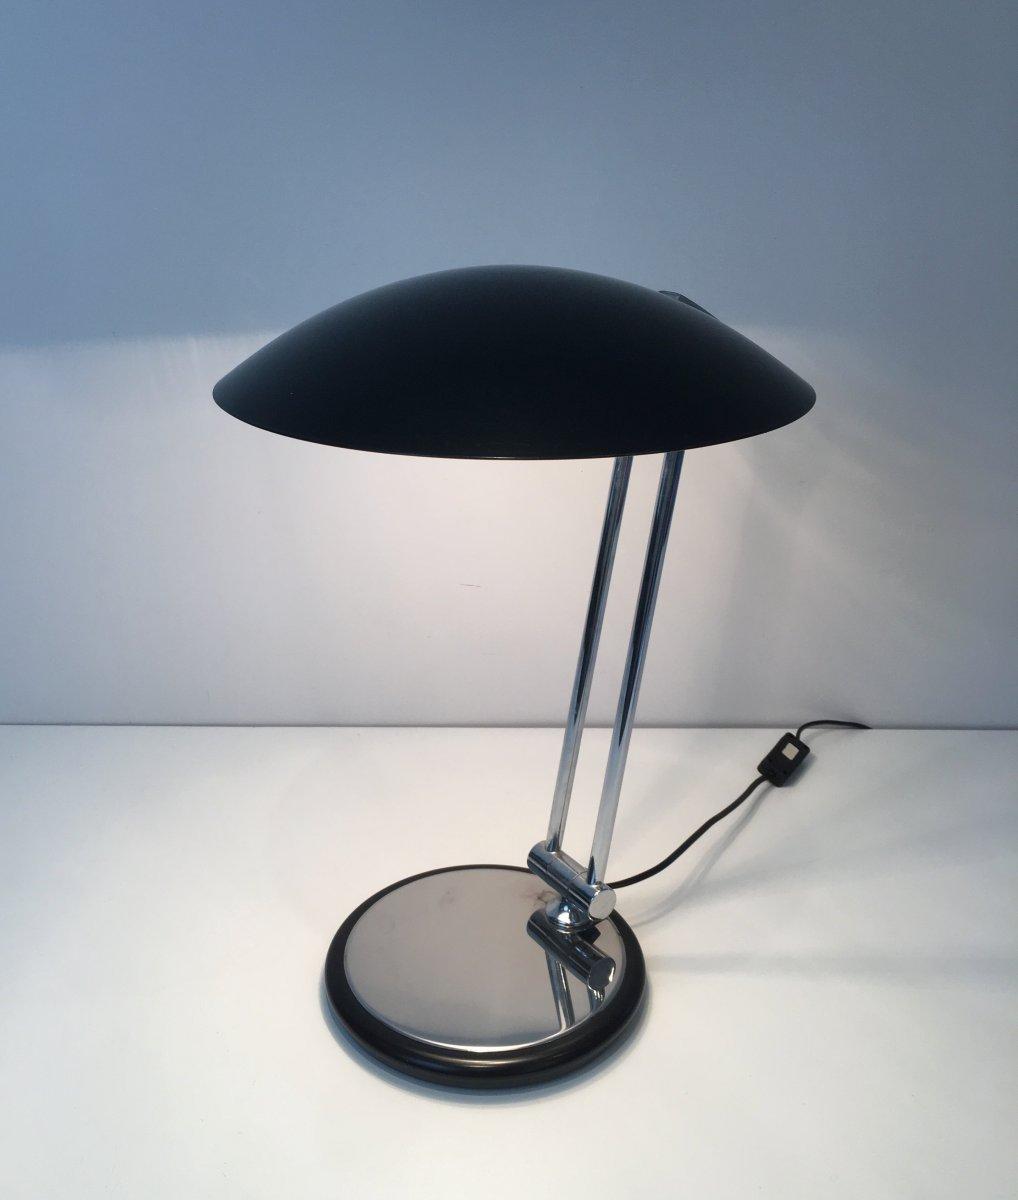 Lampe De Bureau Design Pivotante En Chrome Et Métal Laqué Noir. Vers 1970